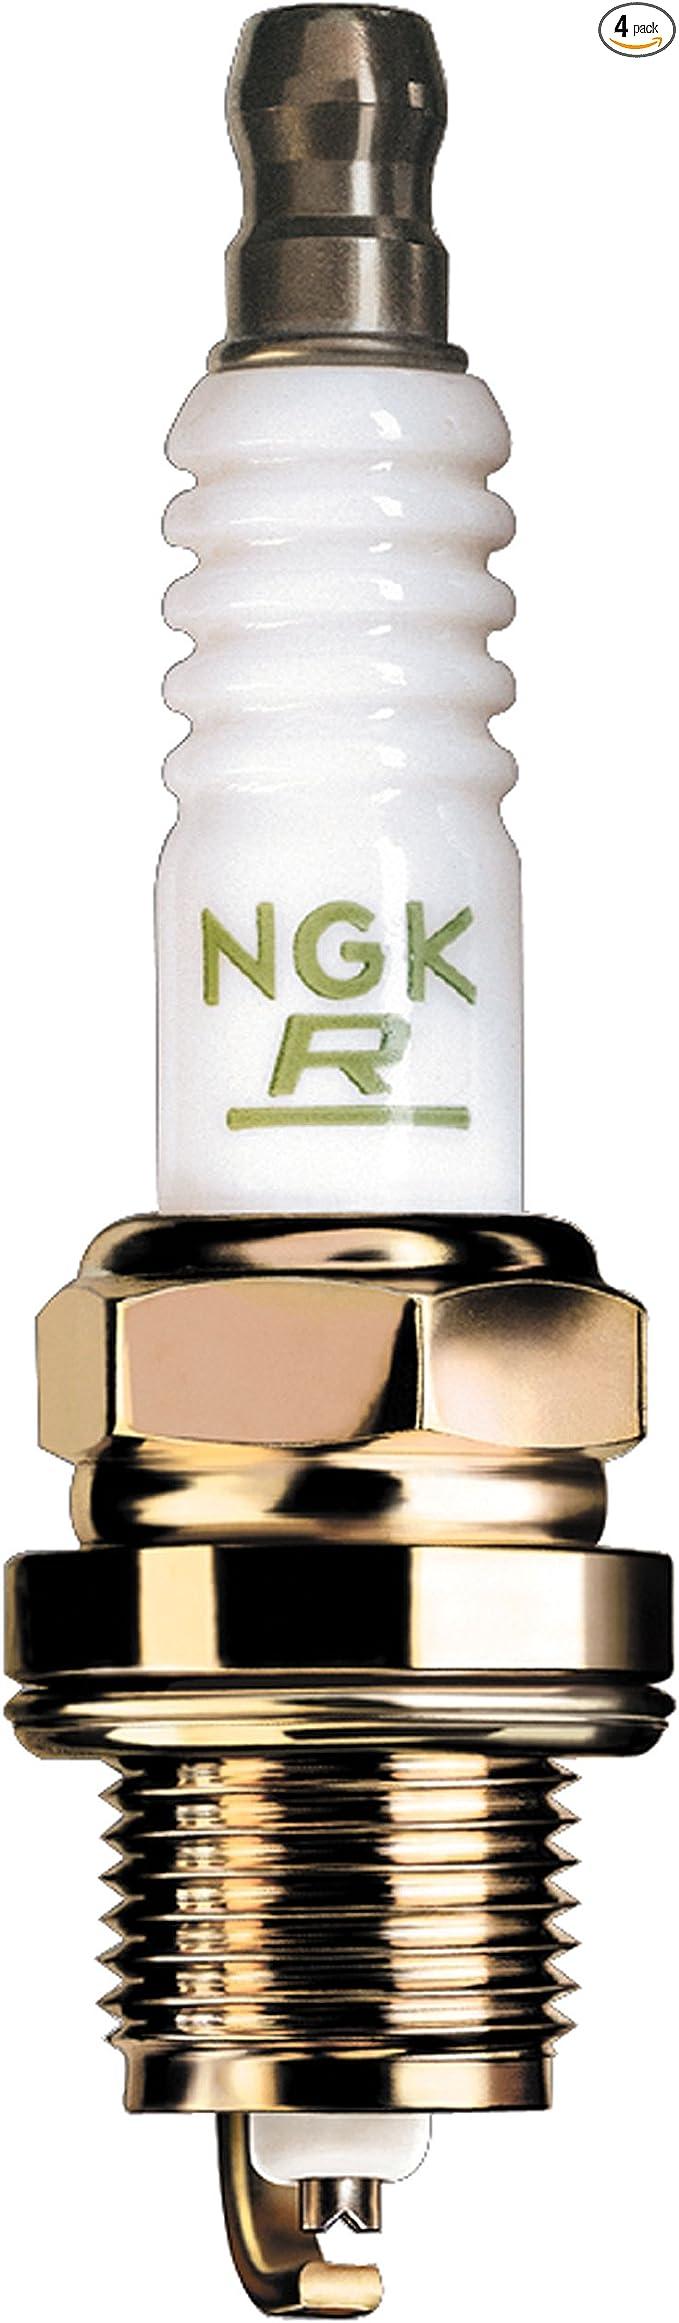 4x NGK Iridium IX Bujía DR7EIX 5686